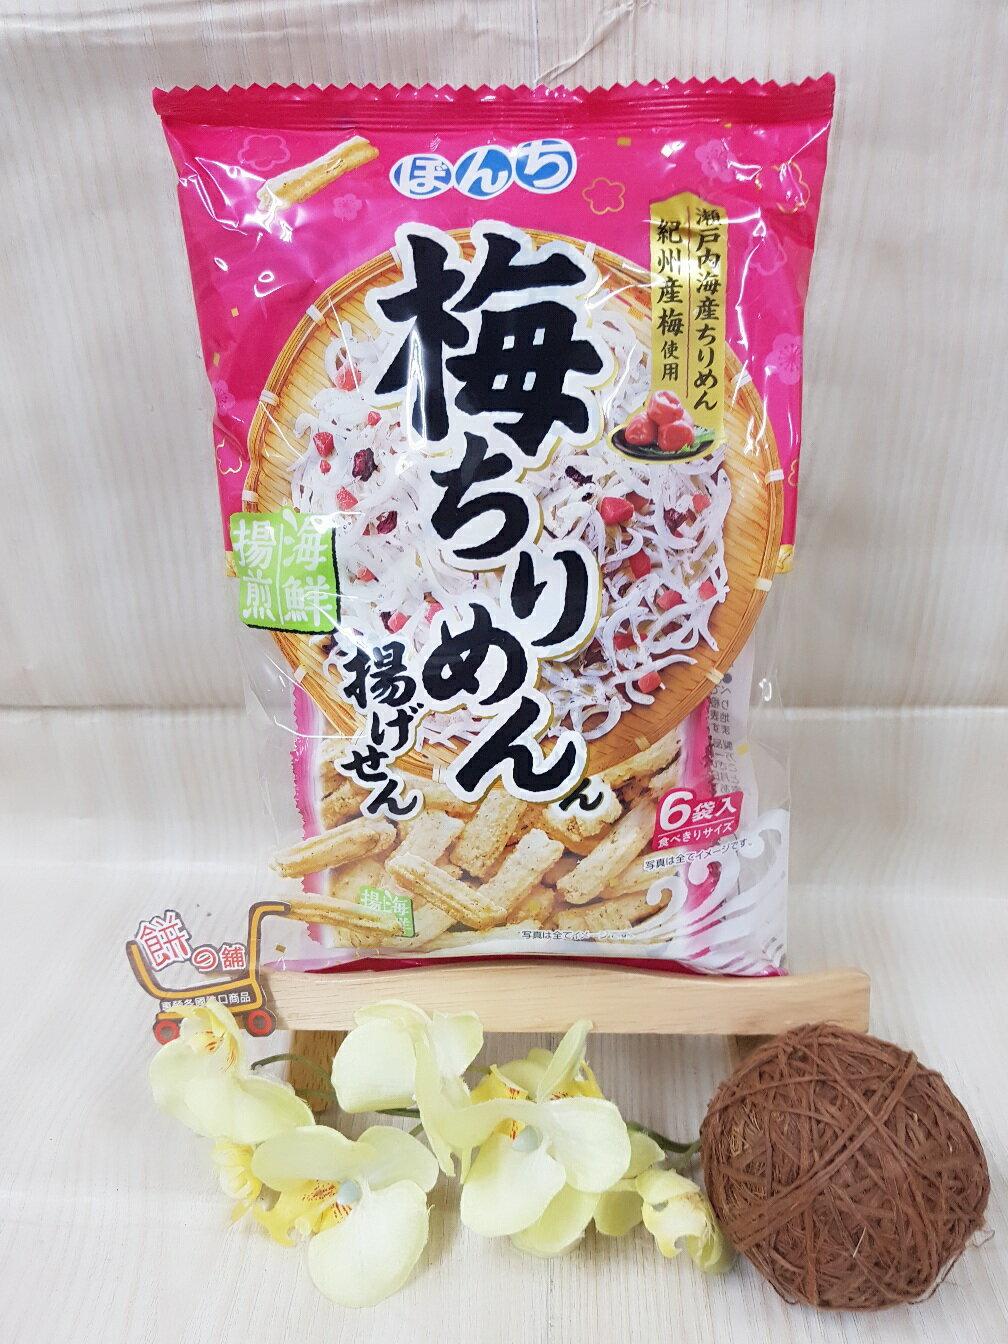 Bonchi 6入海鮮梅子米果78g包